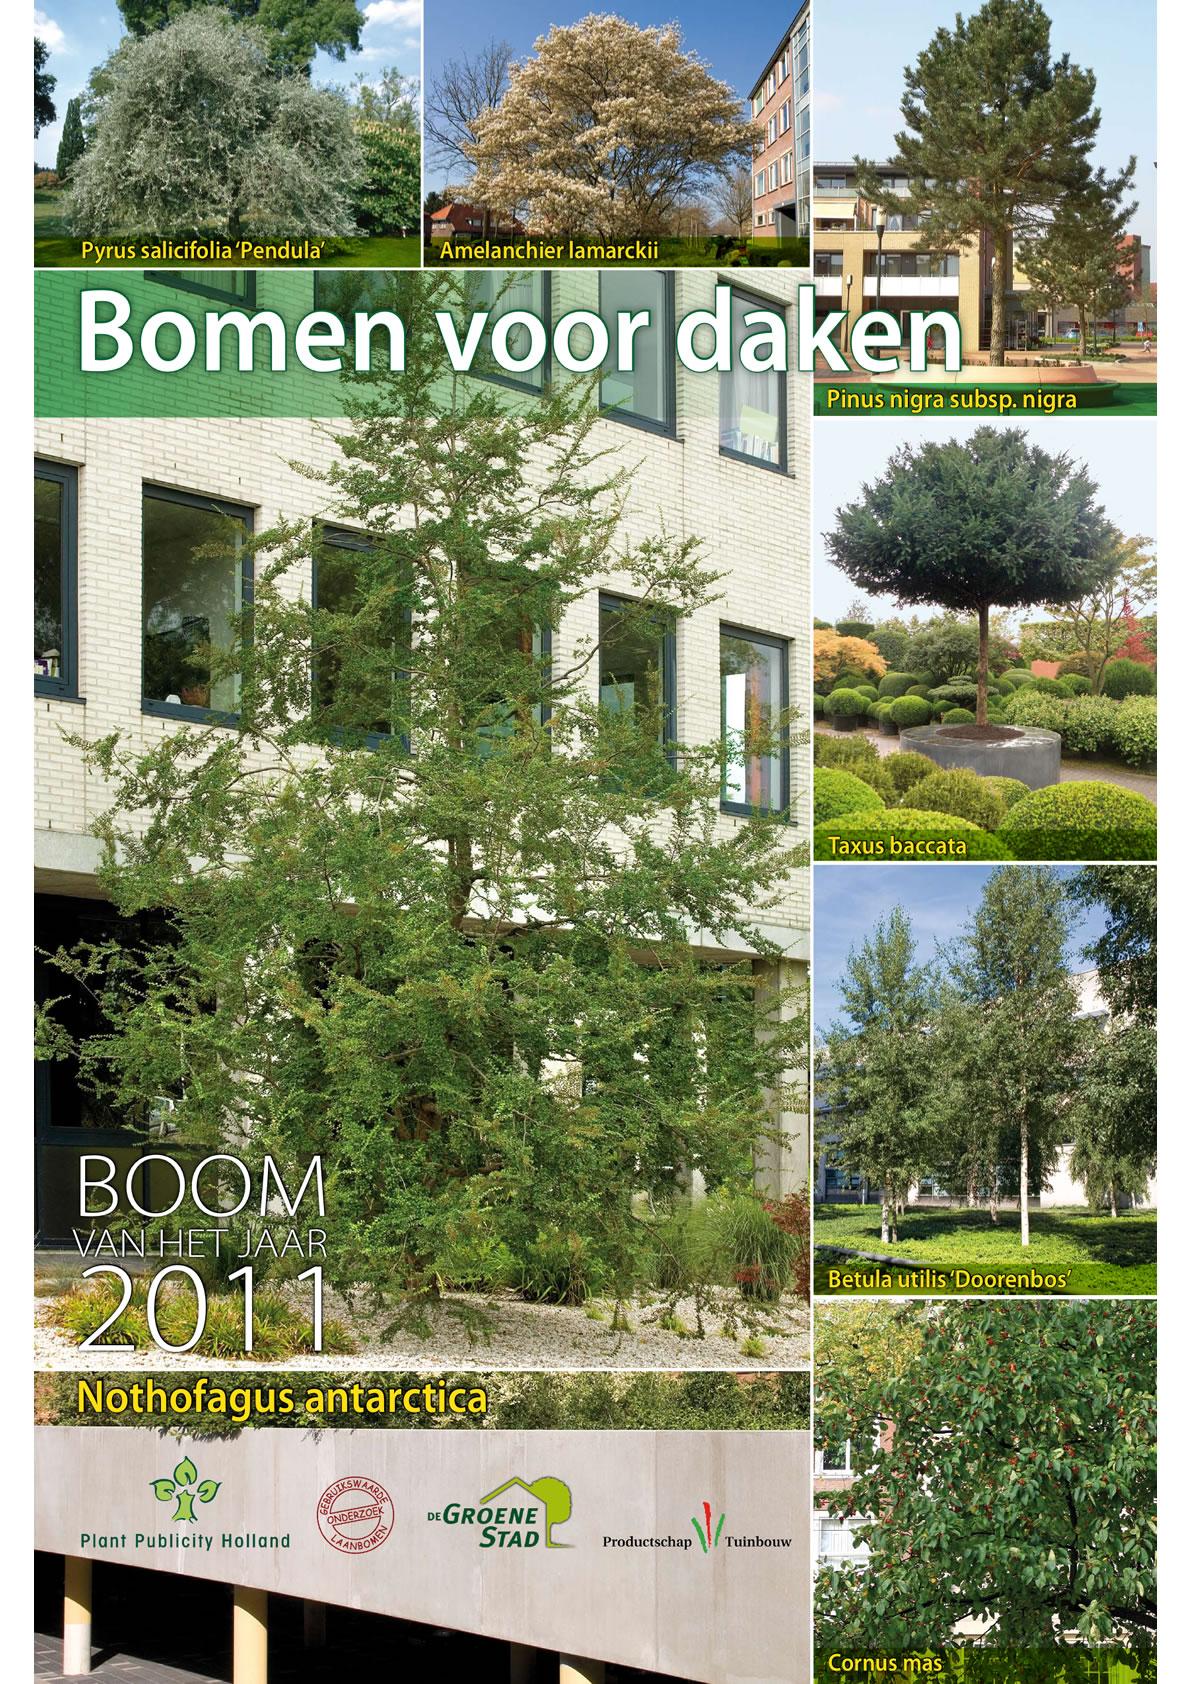 Boom van het jaar 2011